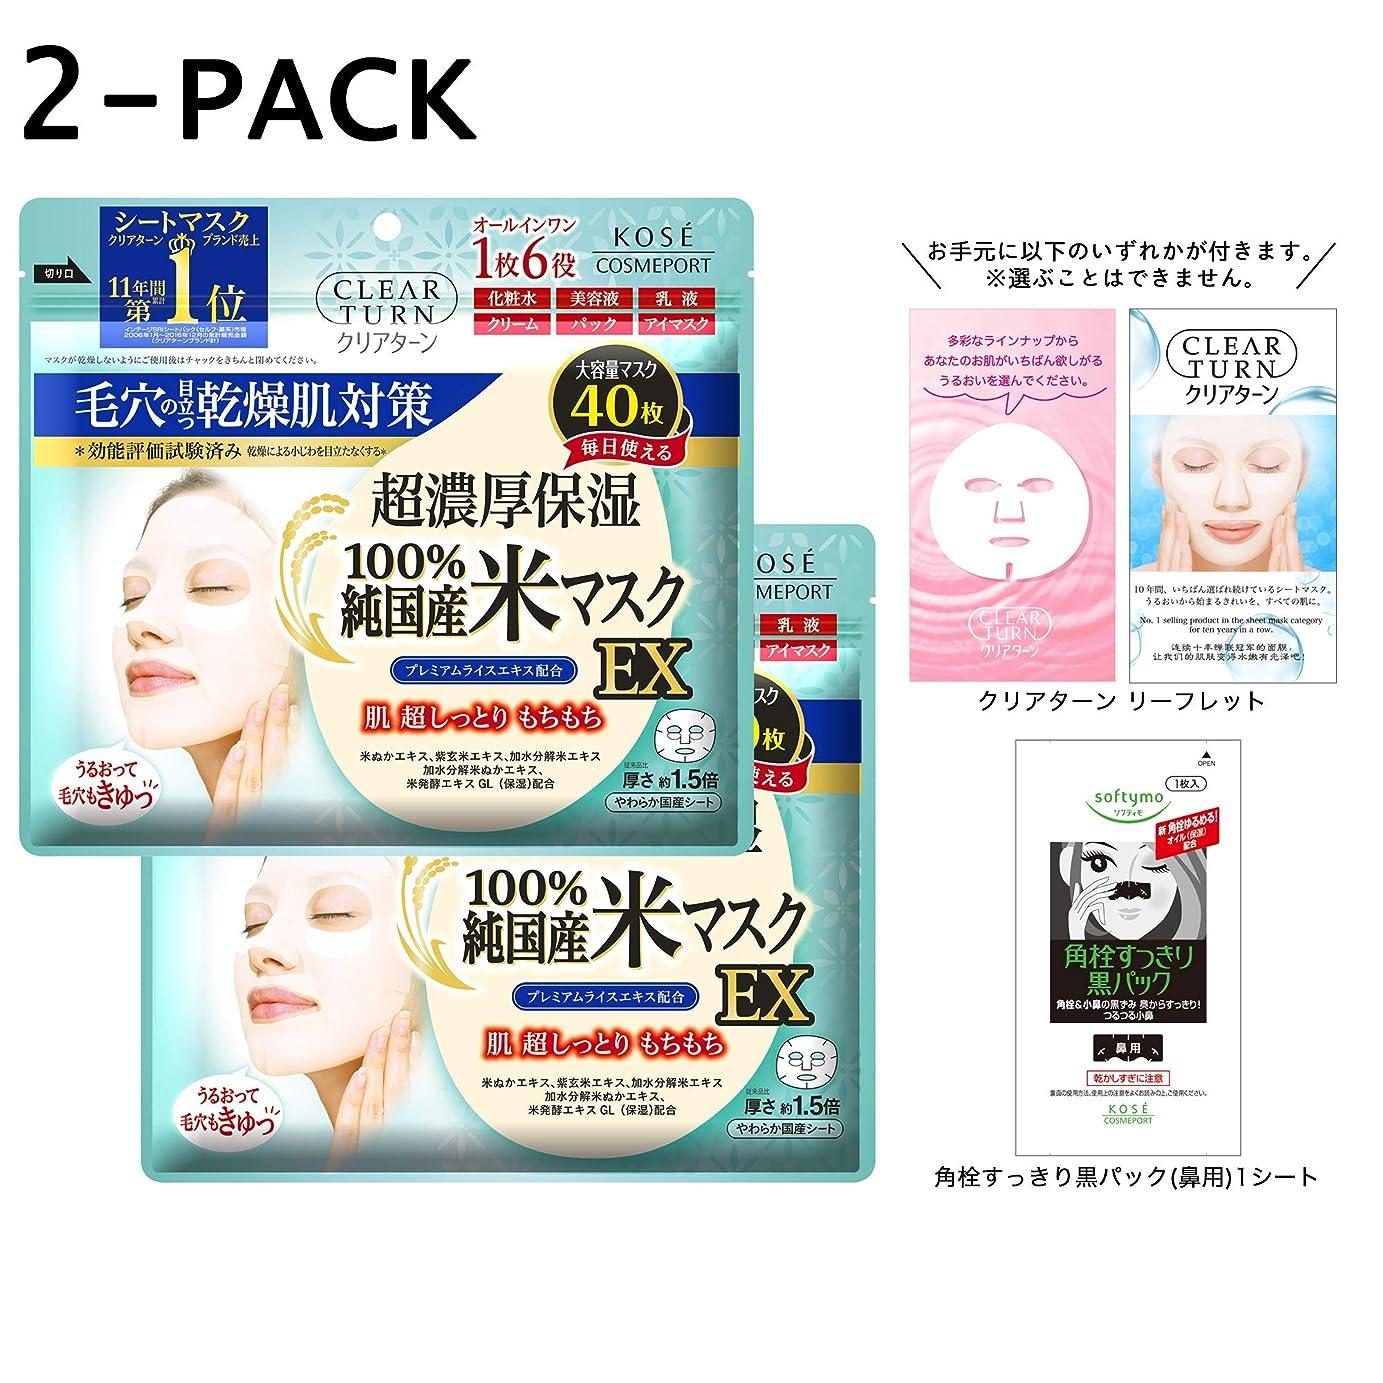 ポーン年金尊敬する【Amazon.co.jp限定】KOSE クリアターン 純国産米マスク EX 40枚入 2P+リーフレット付き